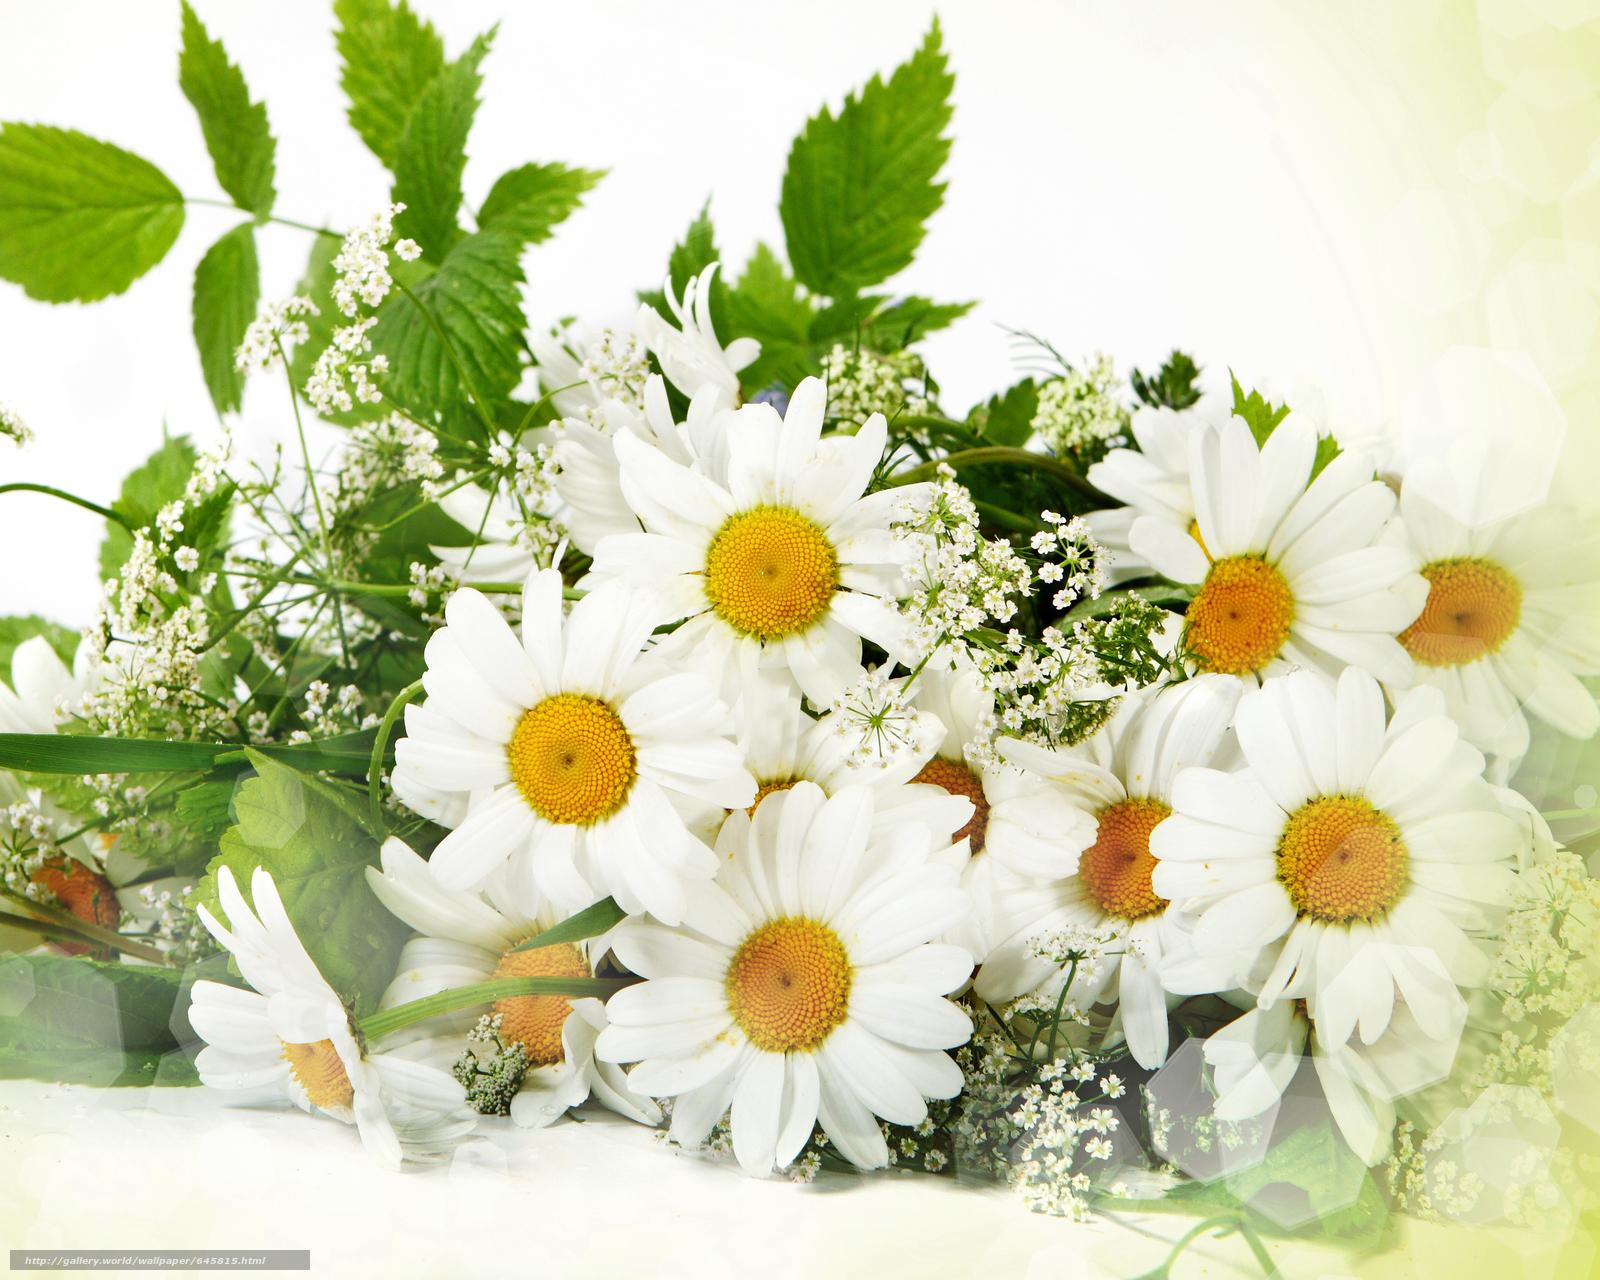 Скачать обои цветы,  букет,  ромашки бесплатно для рабочего стола в разрешении 5822x4657 — картинка №645815